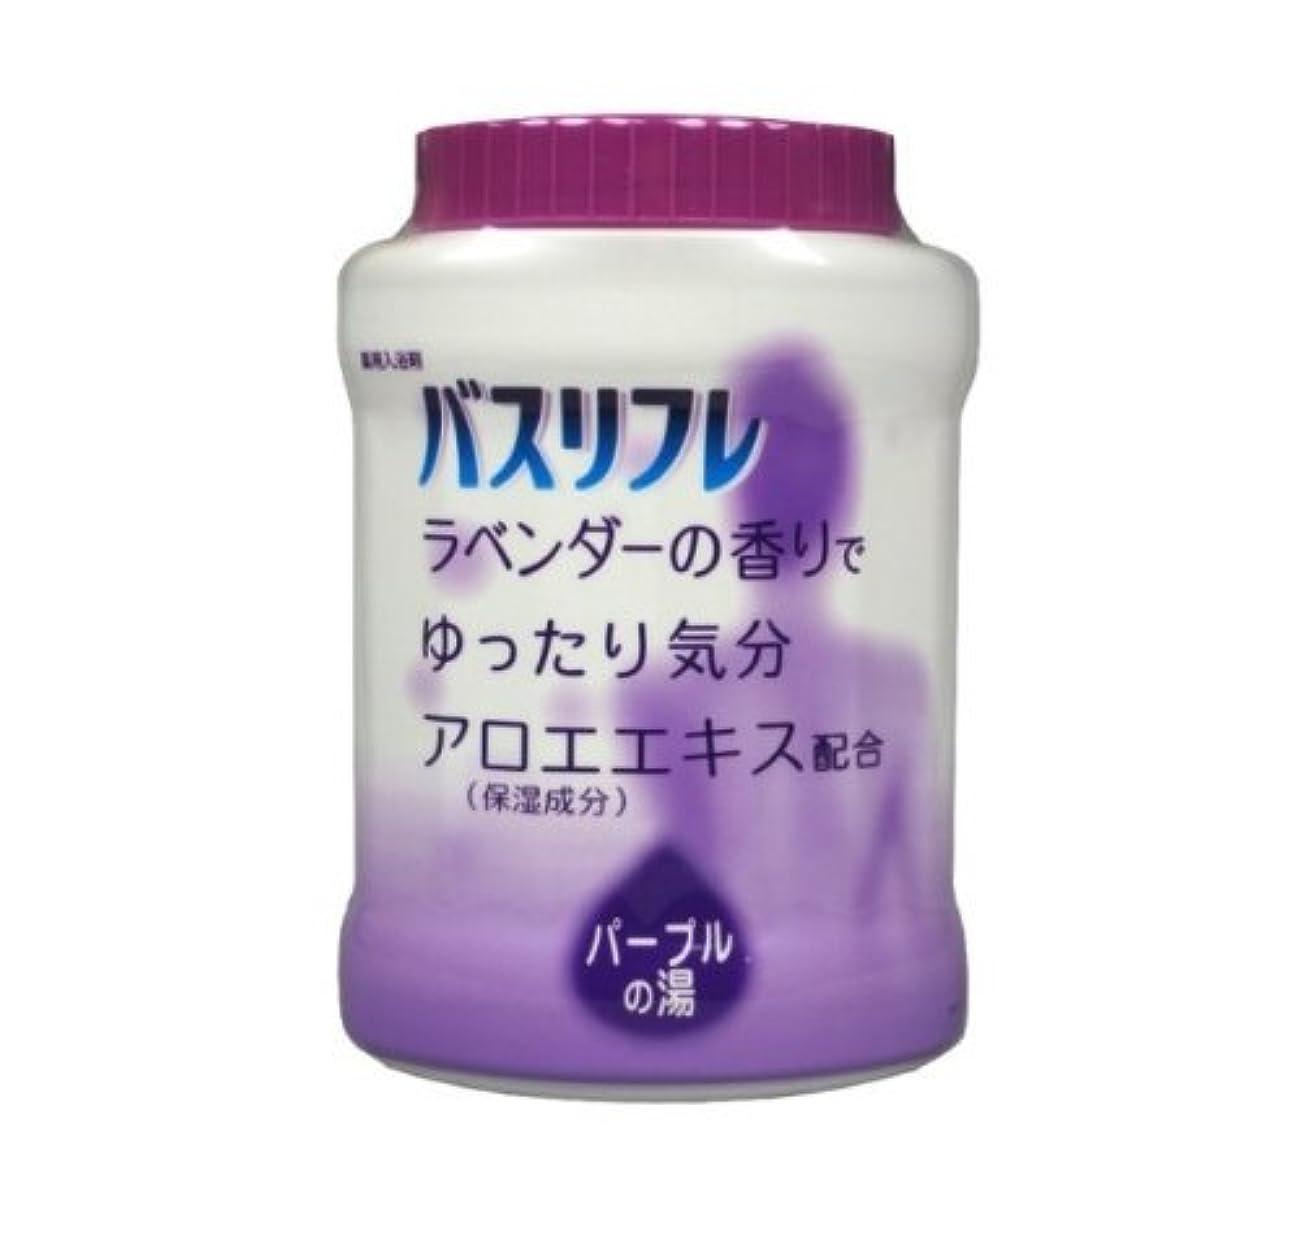 家具芽王位バスリフレ 薬用入浴剤 ラベンダーの香り 680G Japan